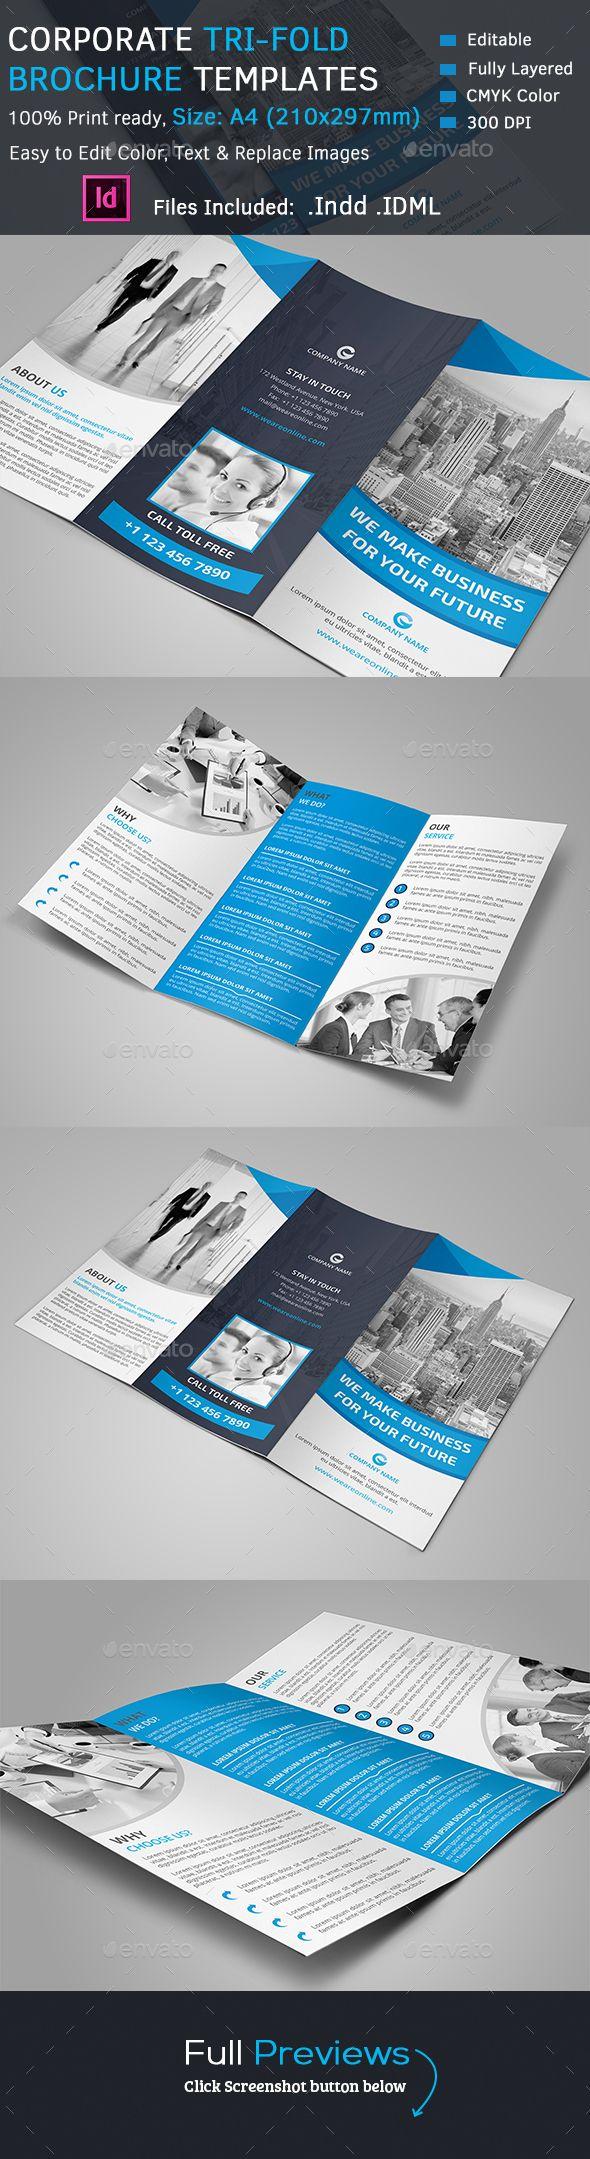 76 best Medical images on Pinterest   Brochure design, Brochures ...